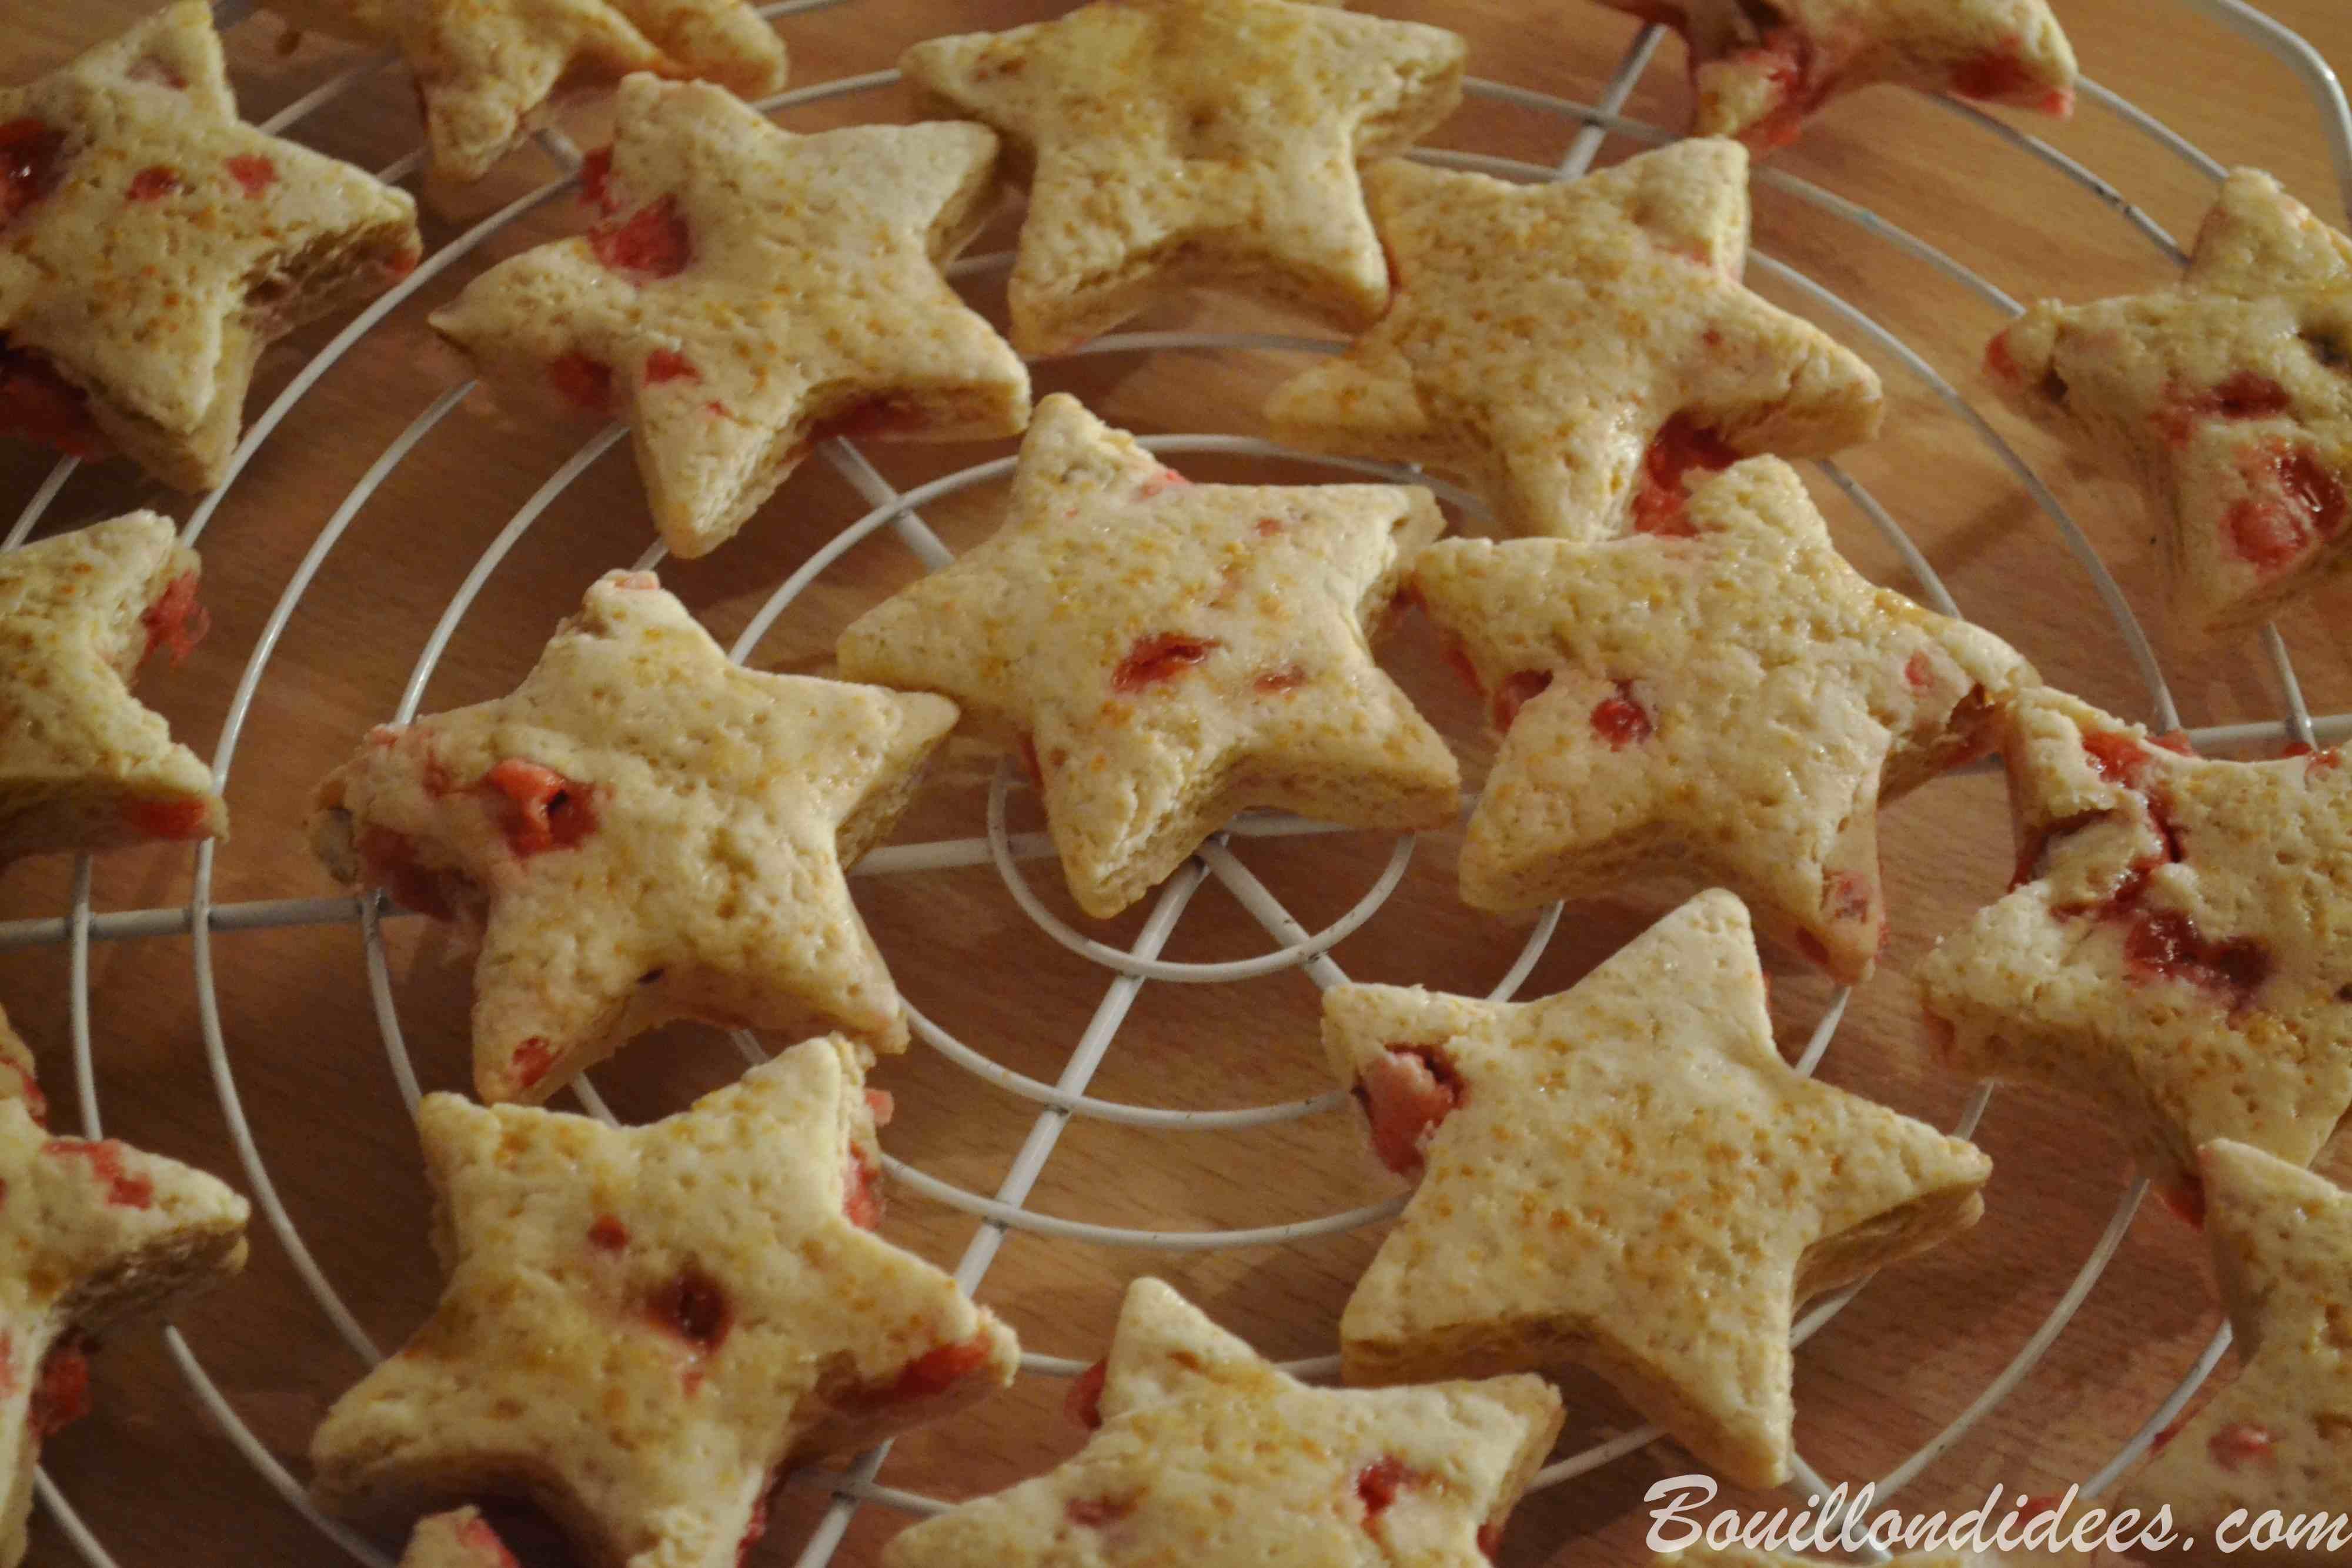 sablés de Noël aux pralines sans GLO (sans gluten, sans lait, lactose ou PLV, sans oeuf) biscuits fêtes Bouillondidees